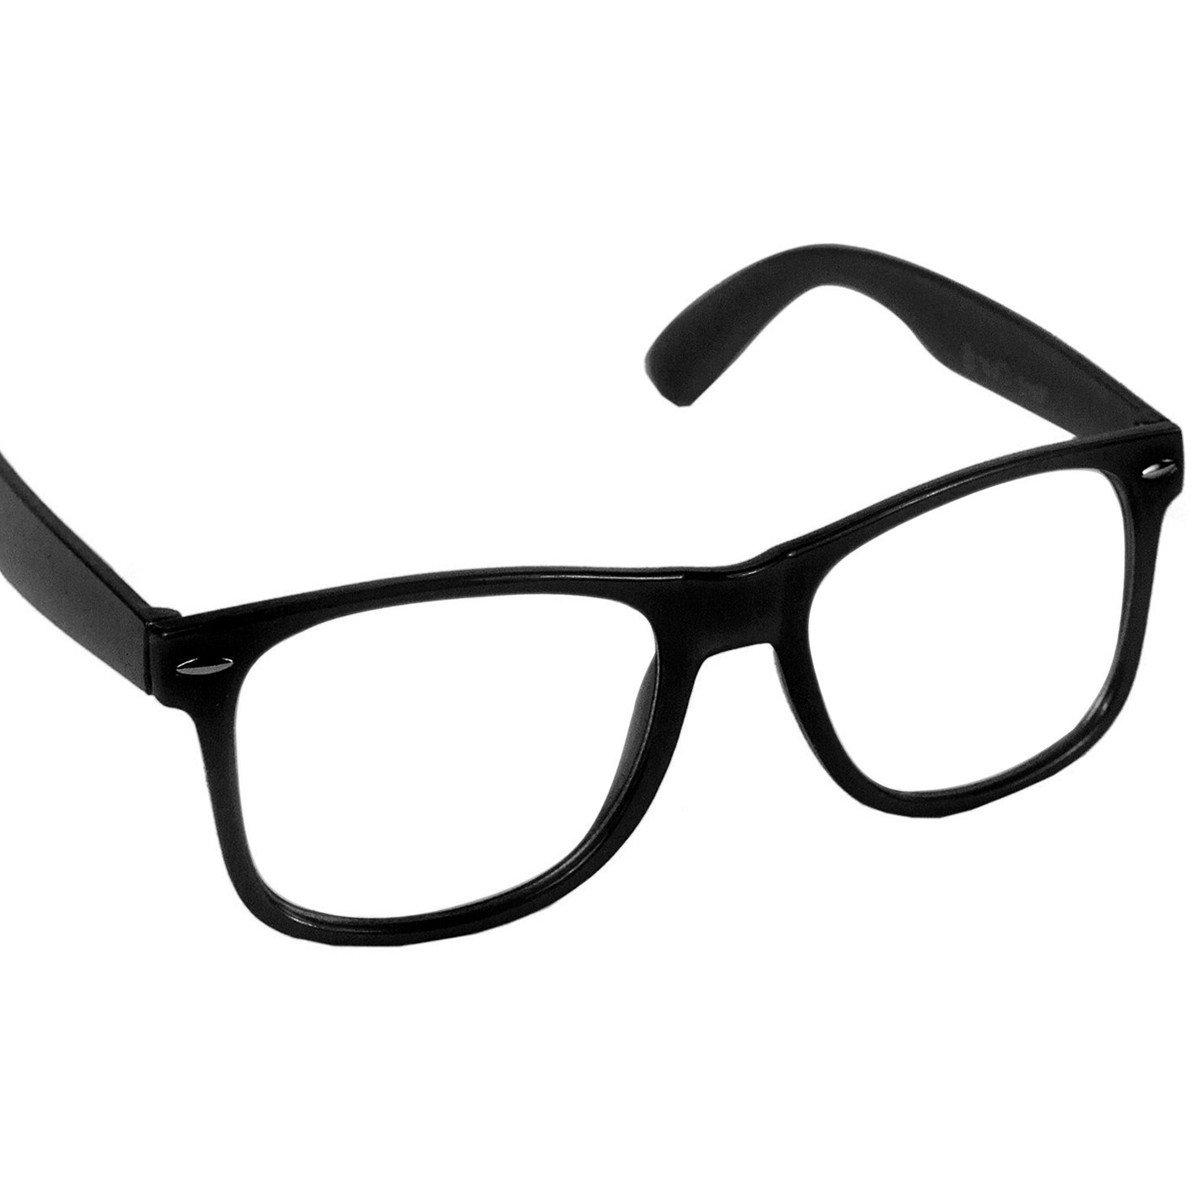 retro wayfarer brille schwarz hornbrille nerdbrille. Black Bedroom Furniture Sets. Home Design Ideas